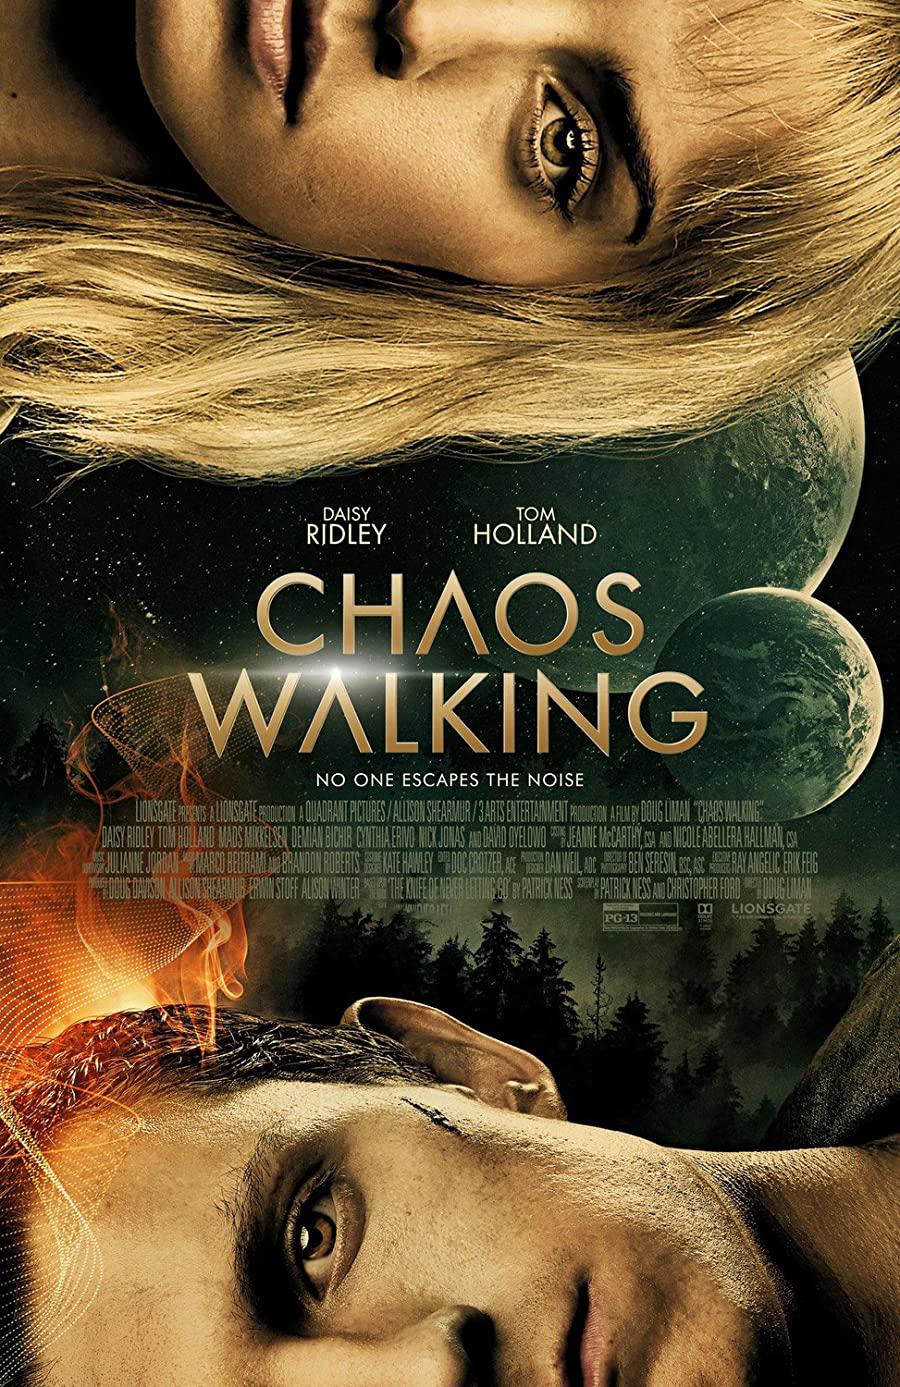 دانلود فیلم آشوب مدام Chaos Walking 2021